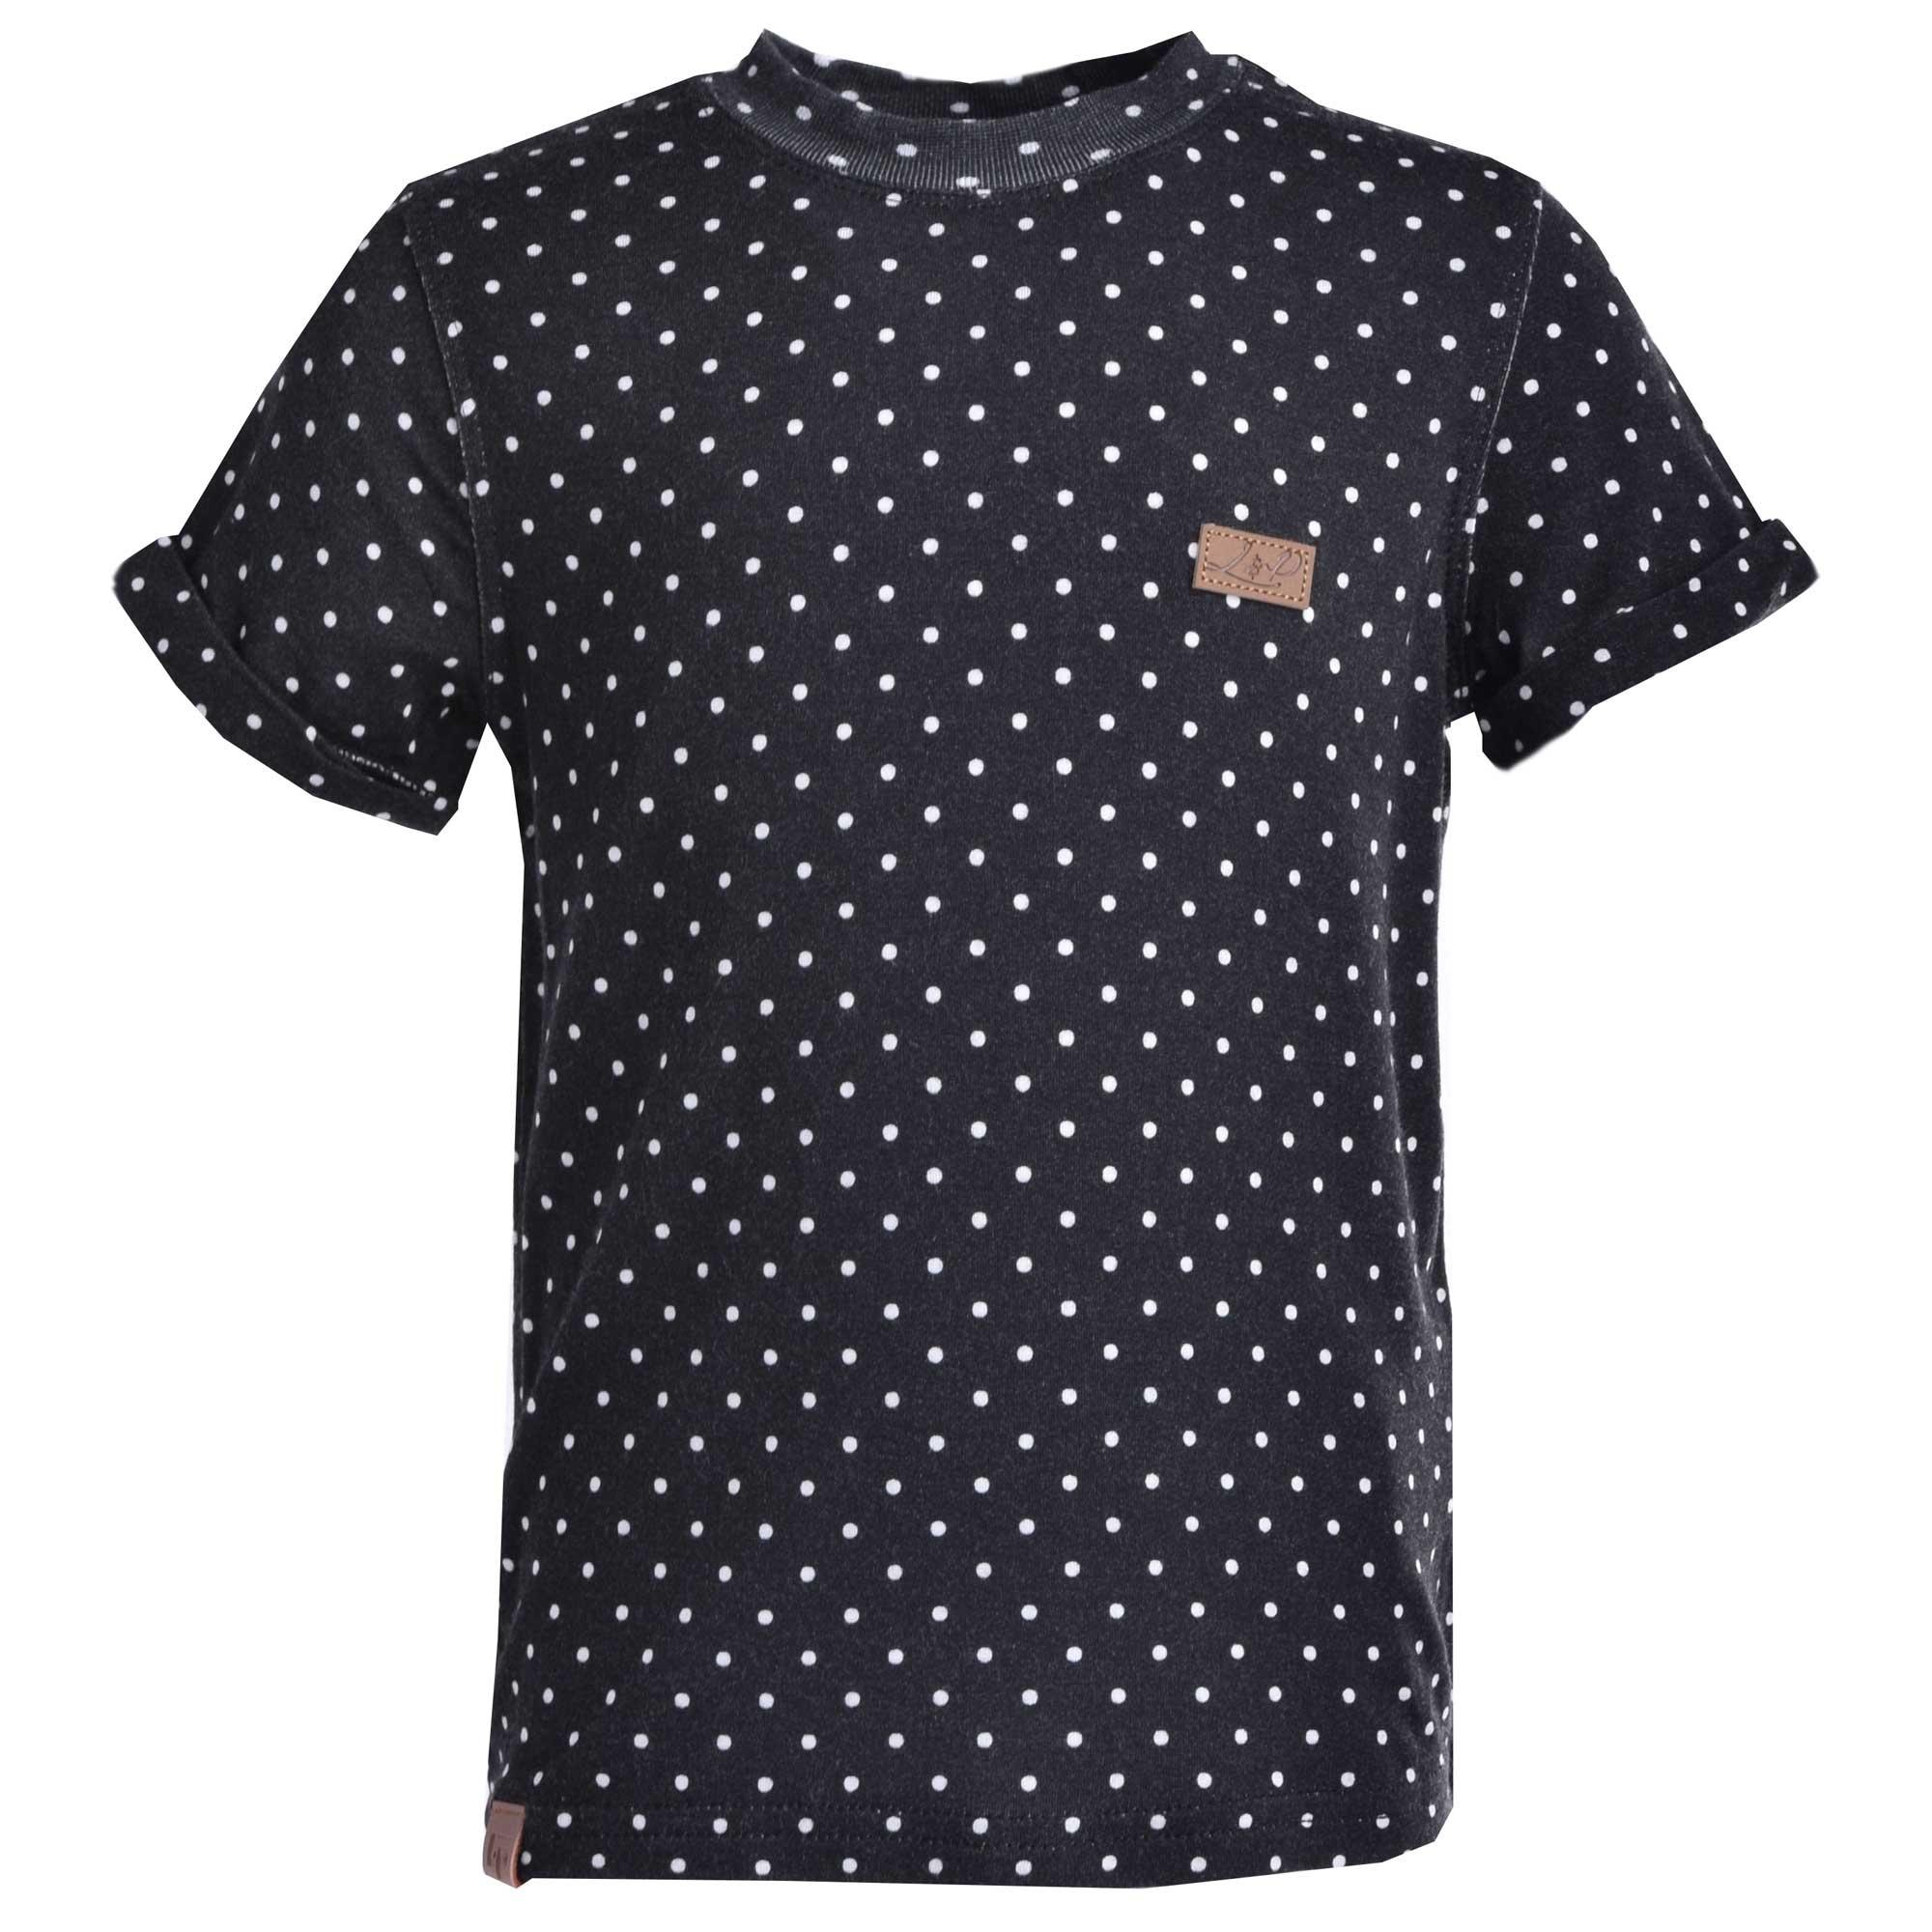 T-Shirt - Marilia 1.0-1